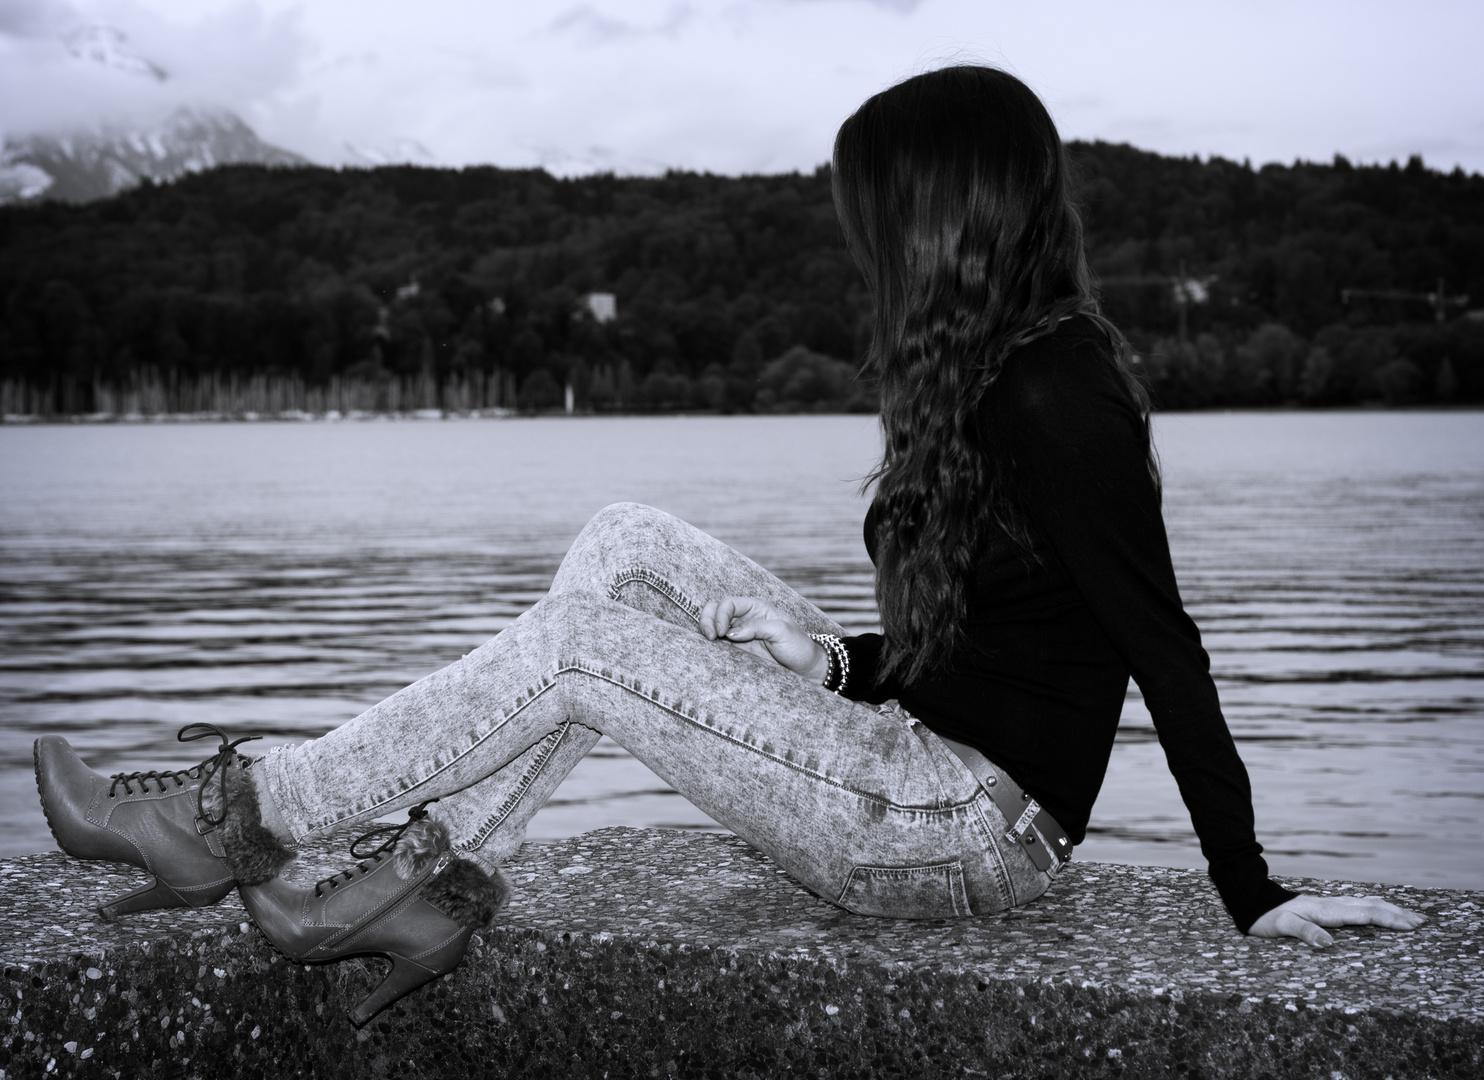 Model: Adriana 2